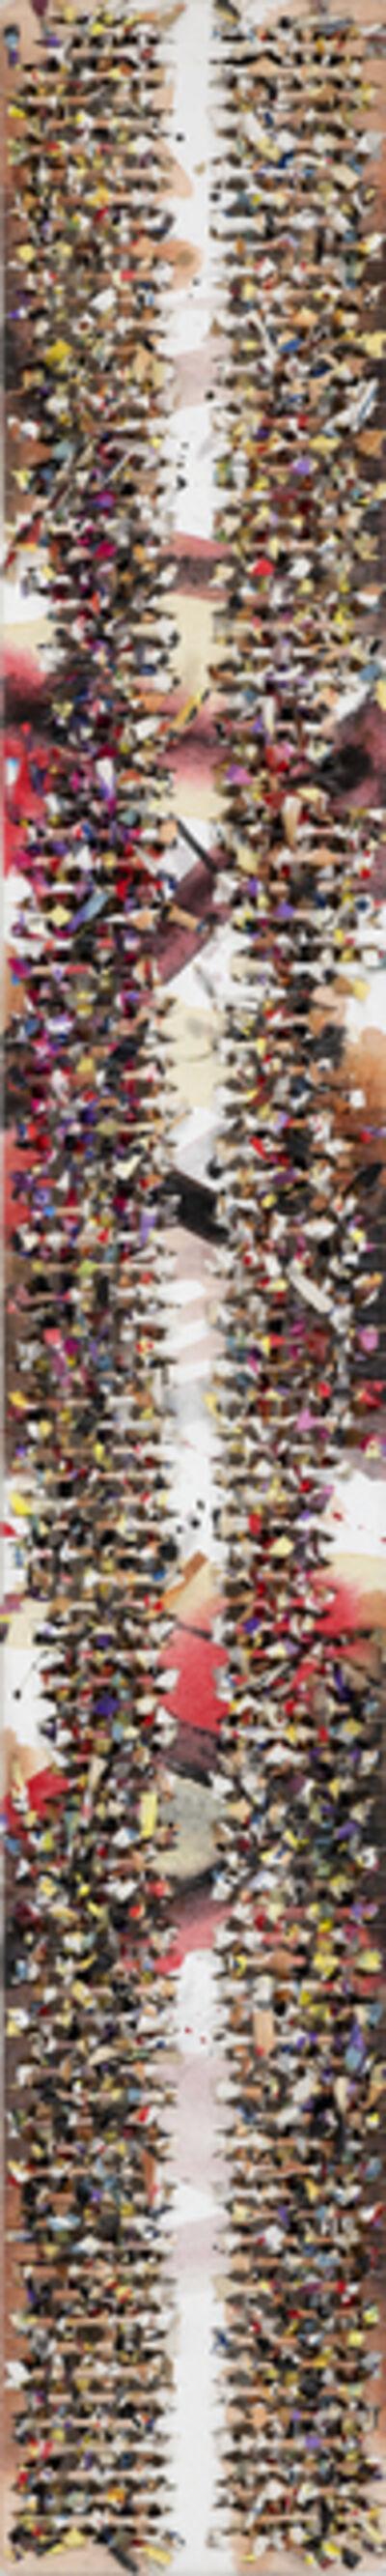 Sung Hy Shin, 'Peinture spatiale No-2001114', 2001